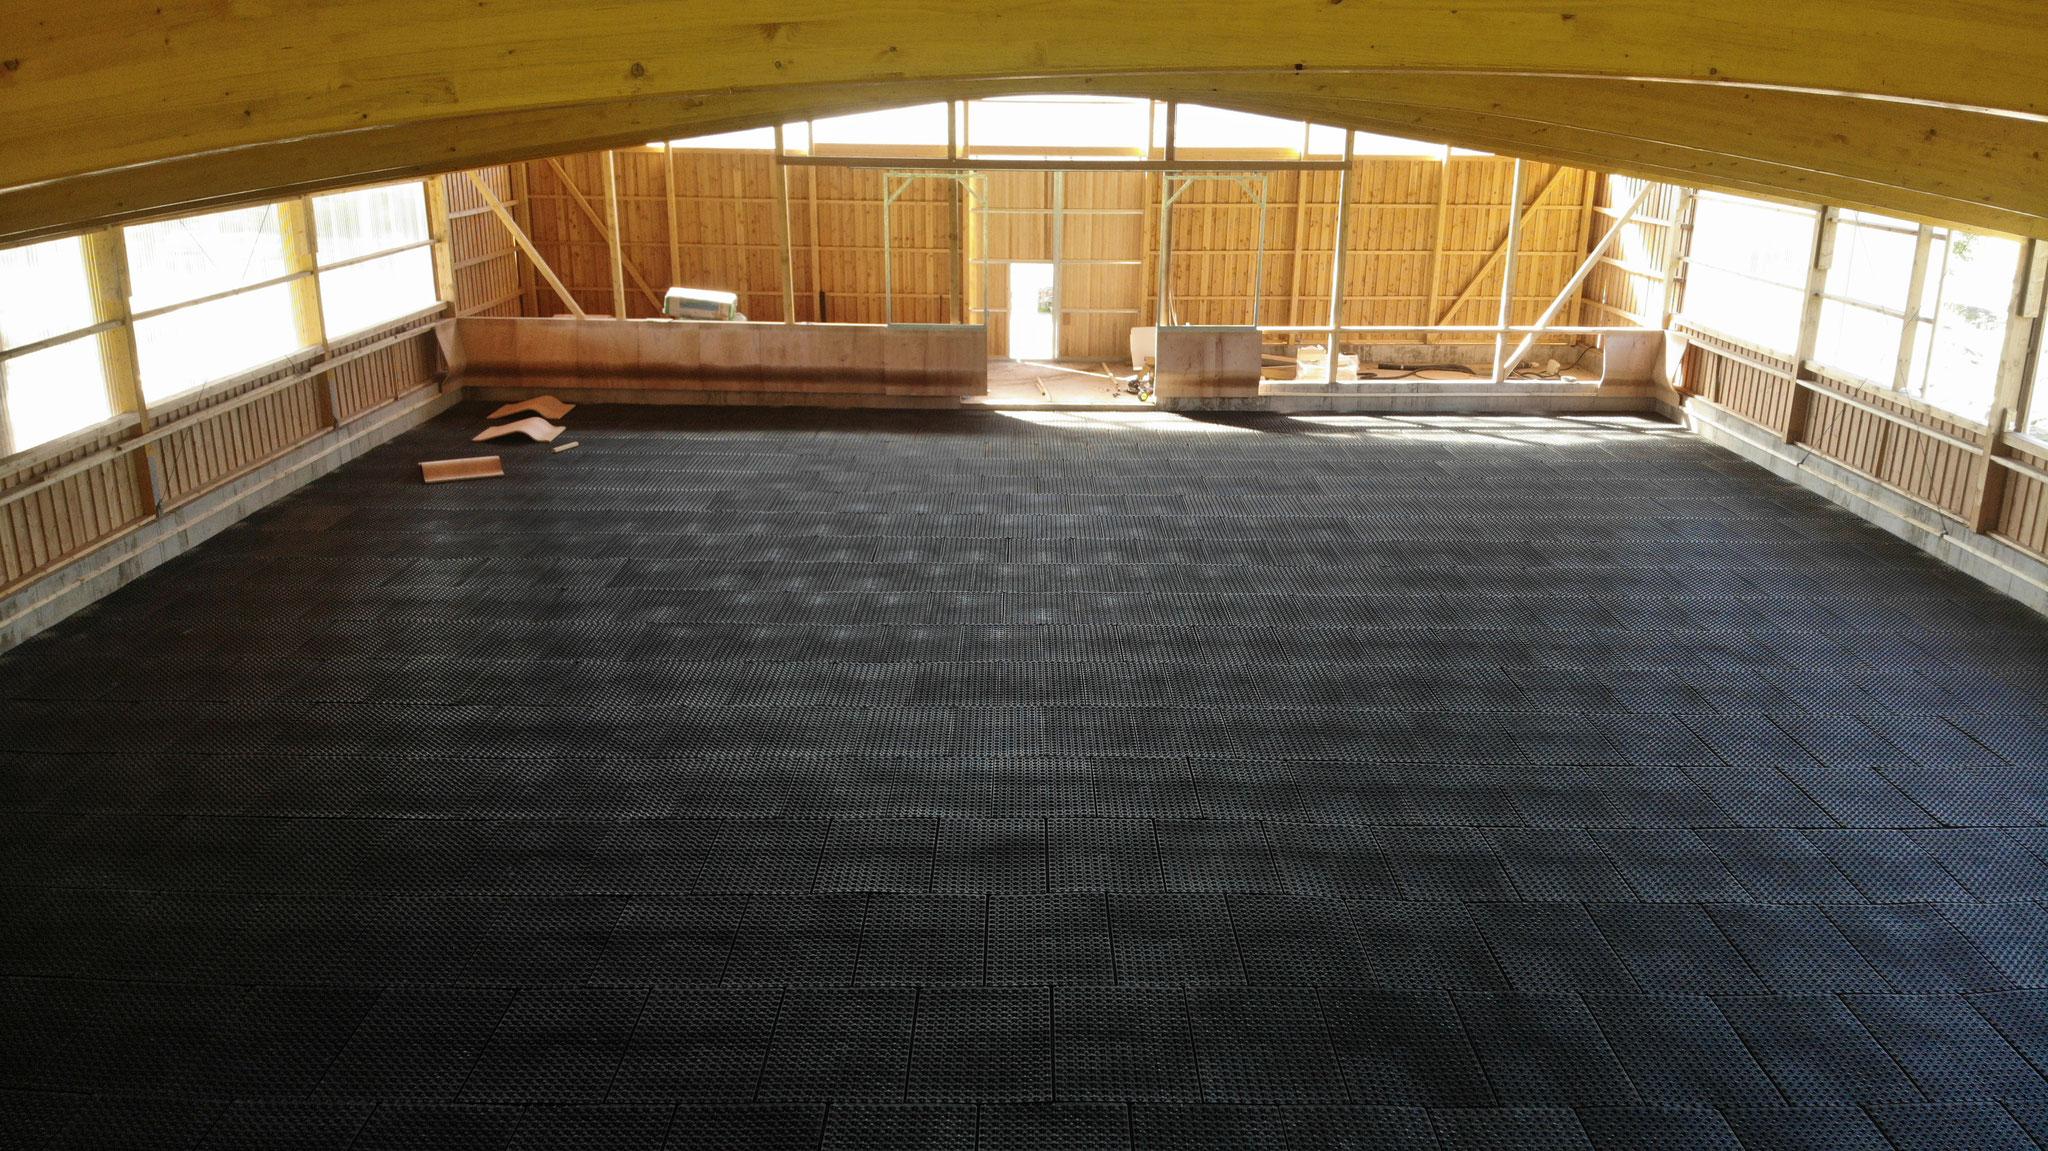 Nun sind bereits die Matten für unseren Reitboden verlegt: stoßdämpfend, rutschfest und eine perfekte Trennschicht zwischen Split und Sand.